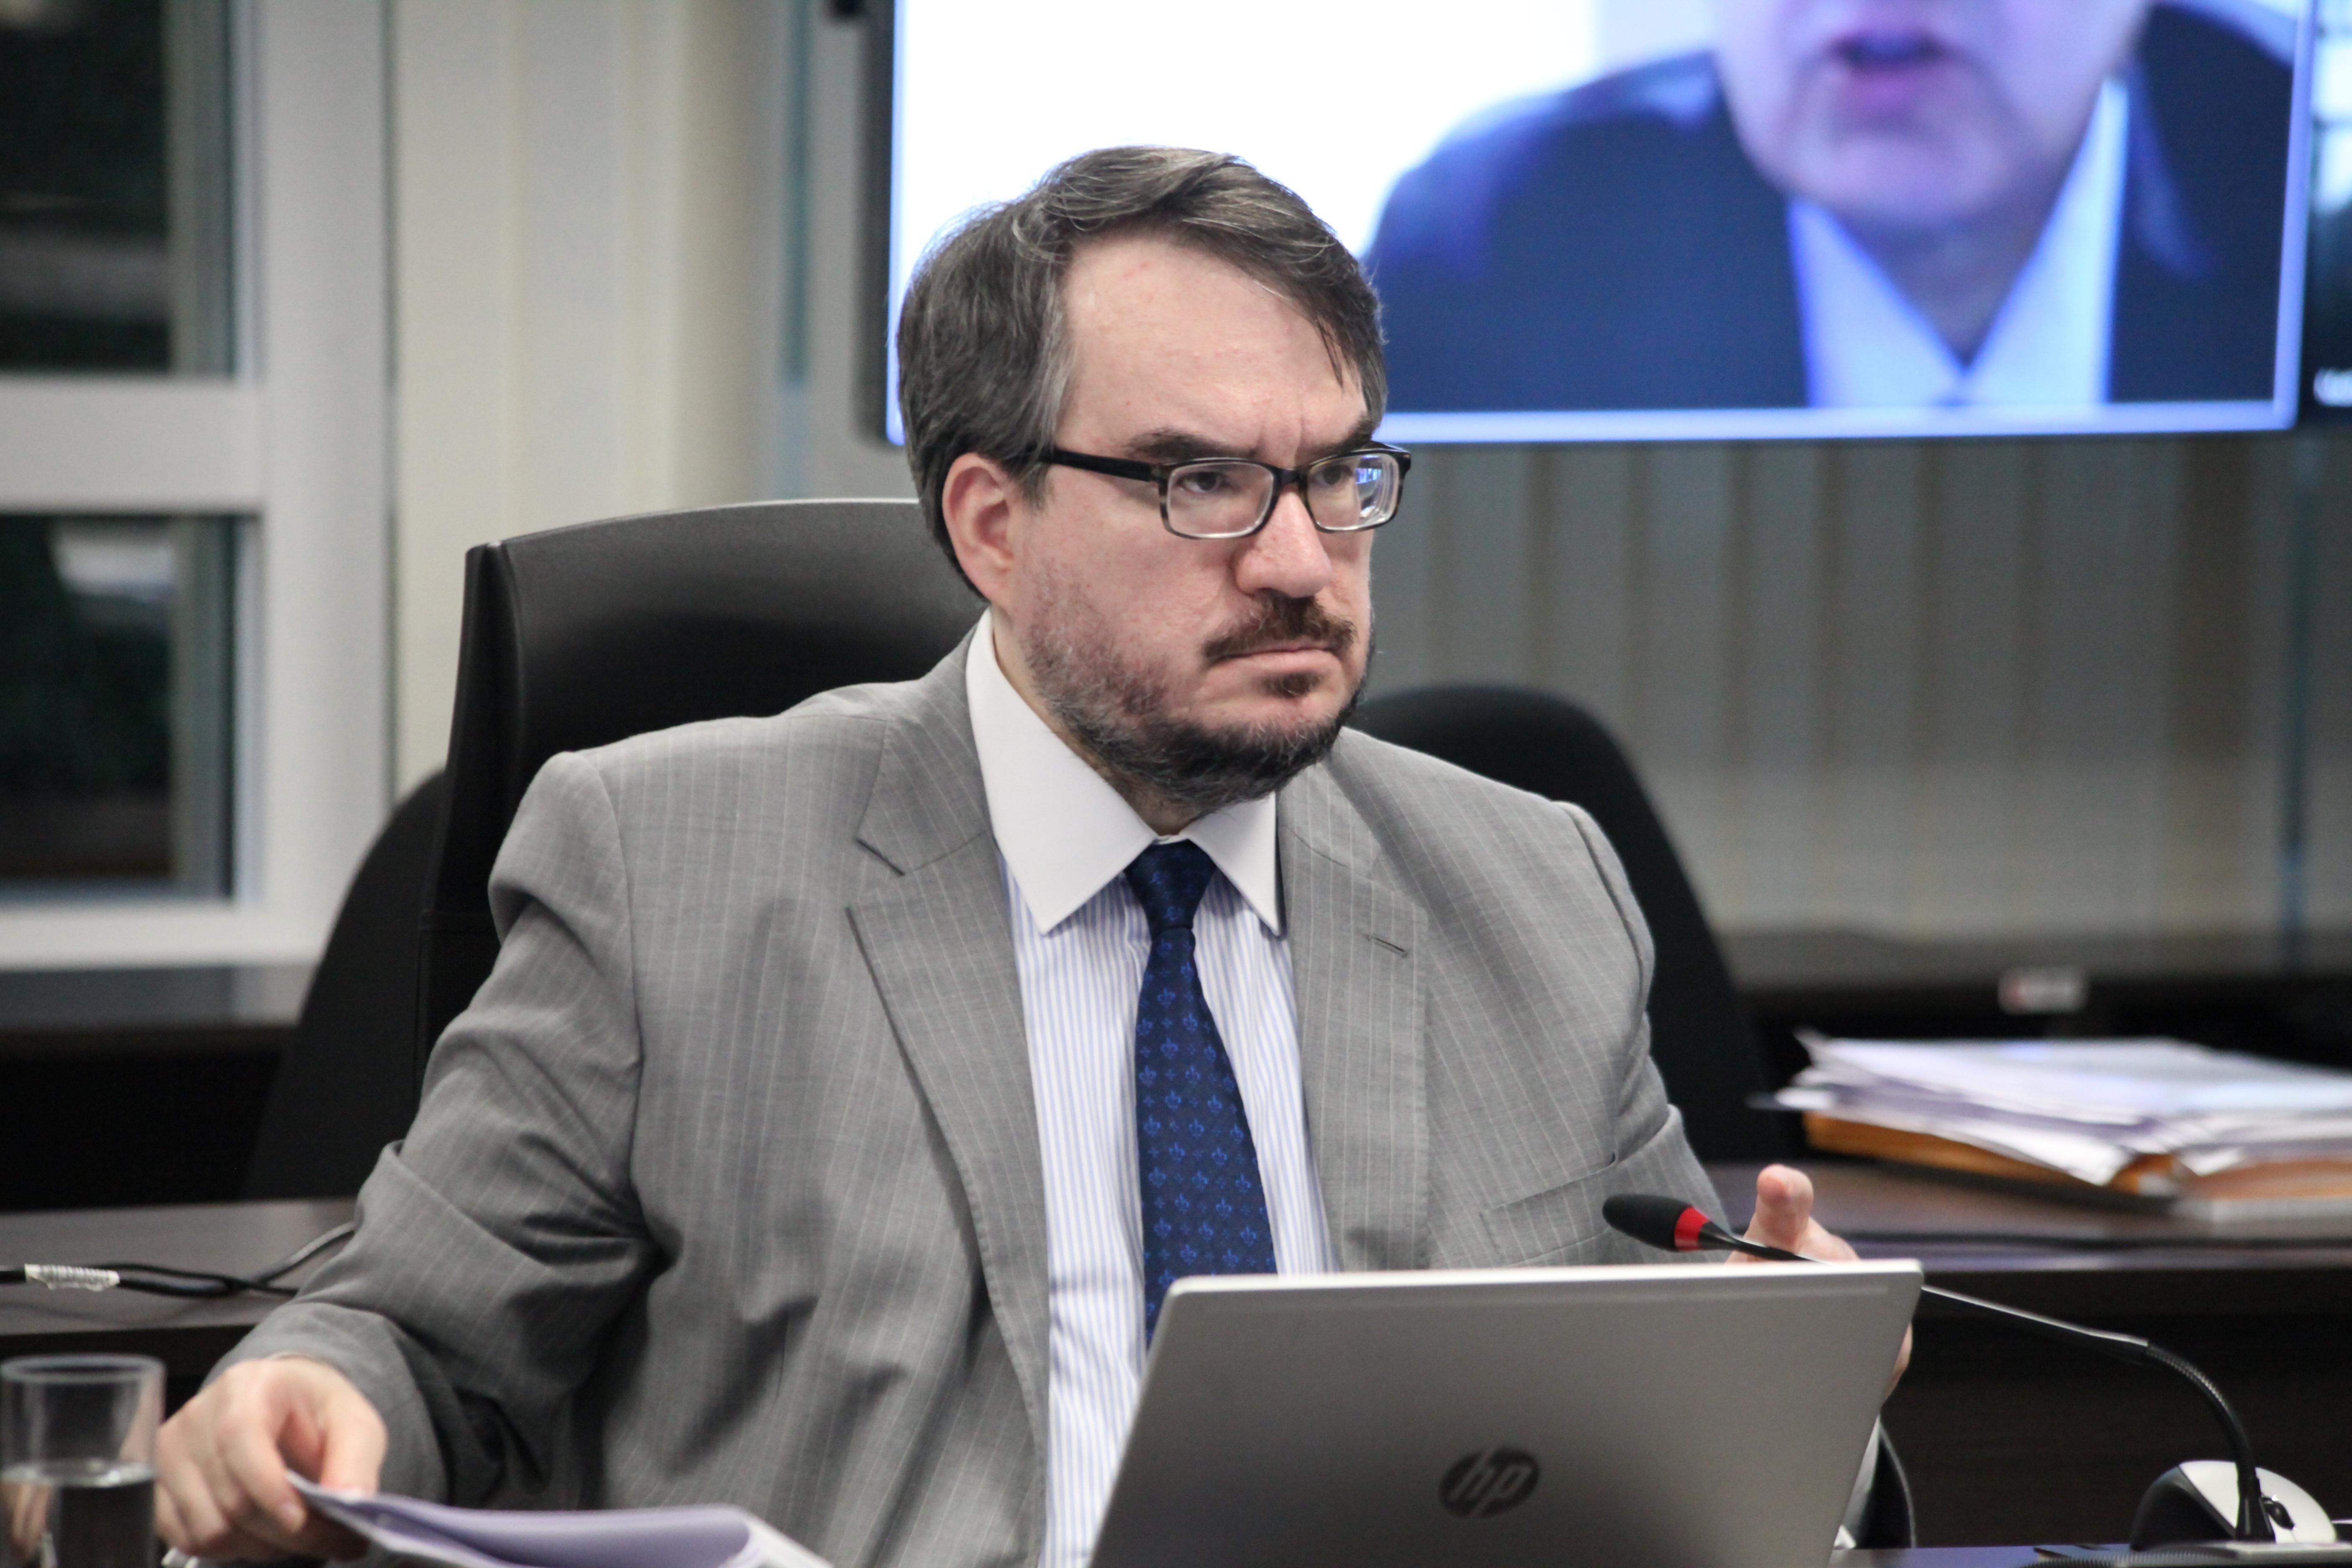 Fotografia do conselheiro Otavio durante sessão plenária